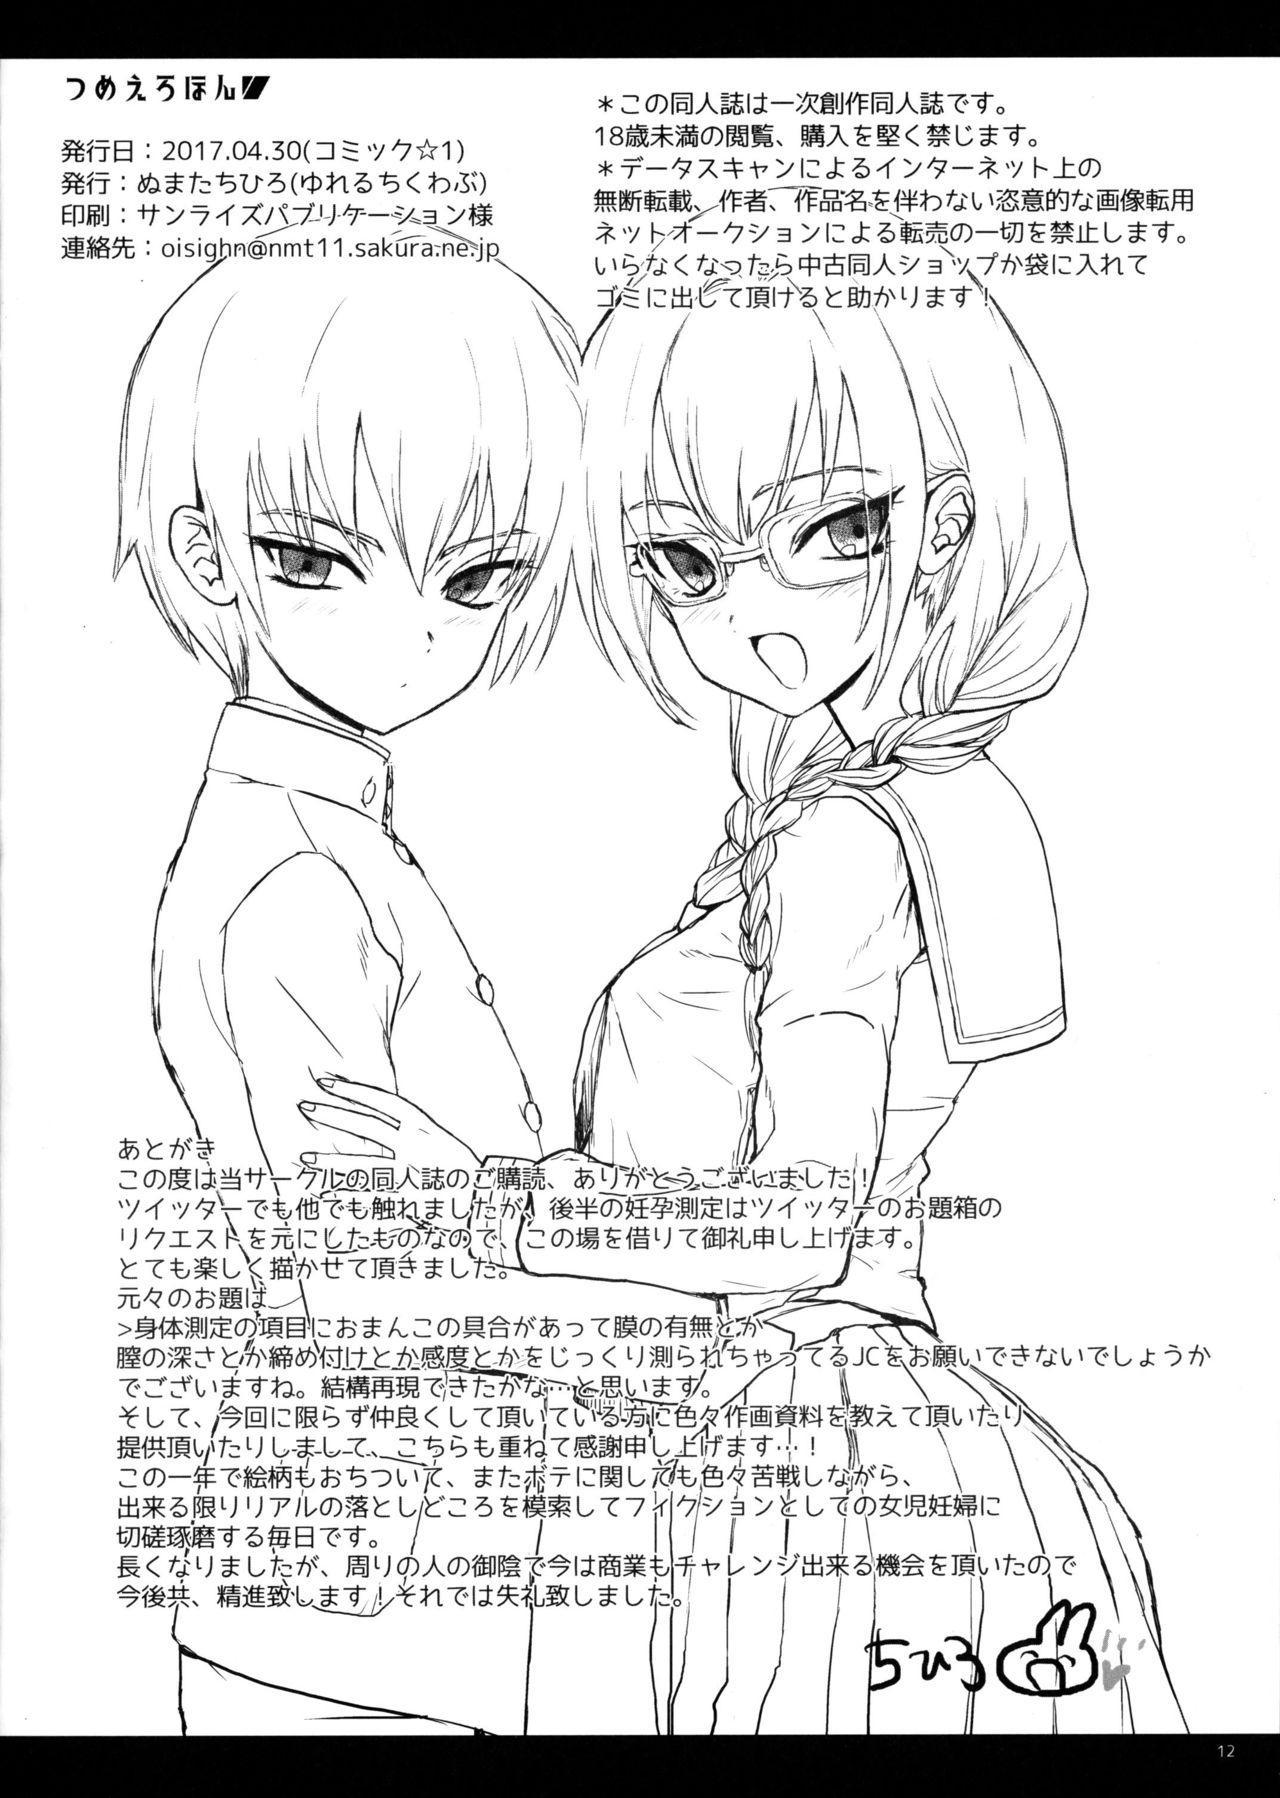 Tsume Erohon 7 11